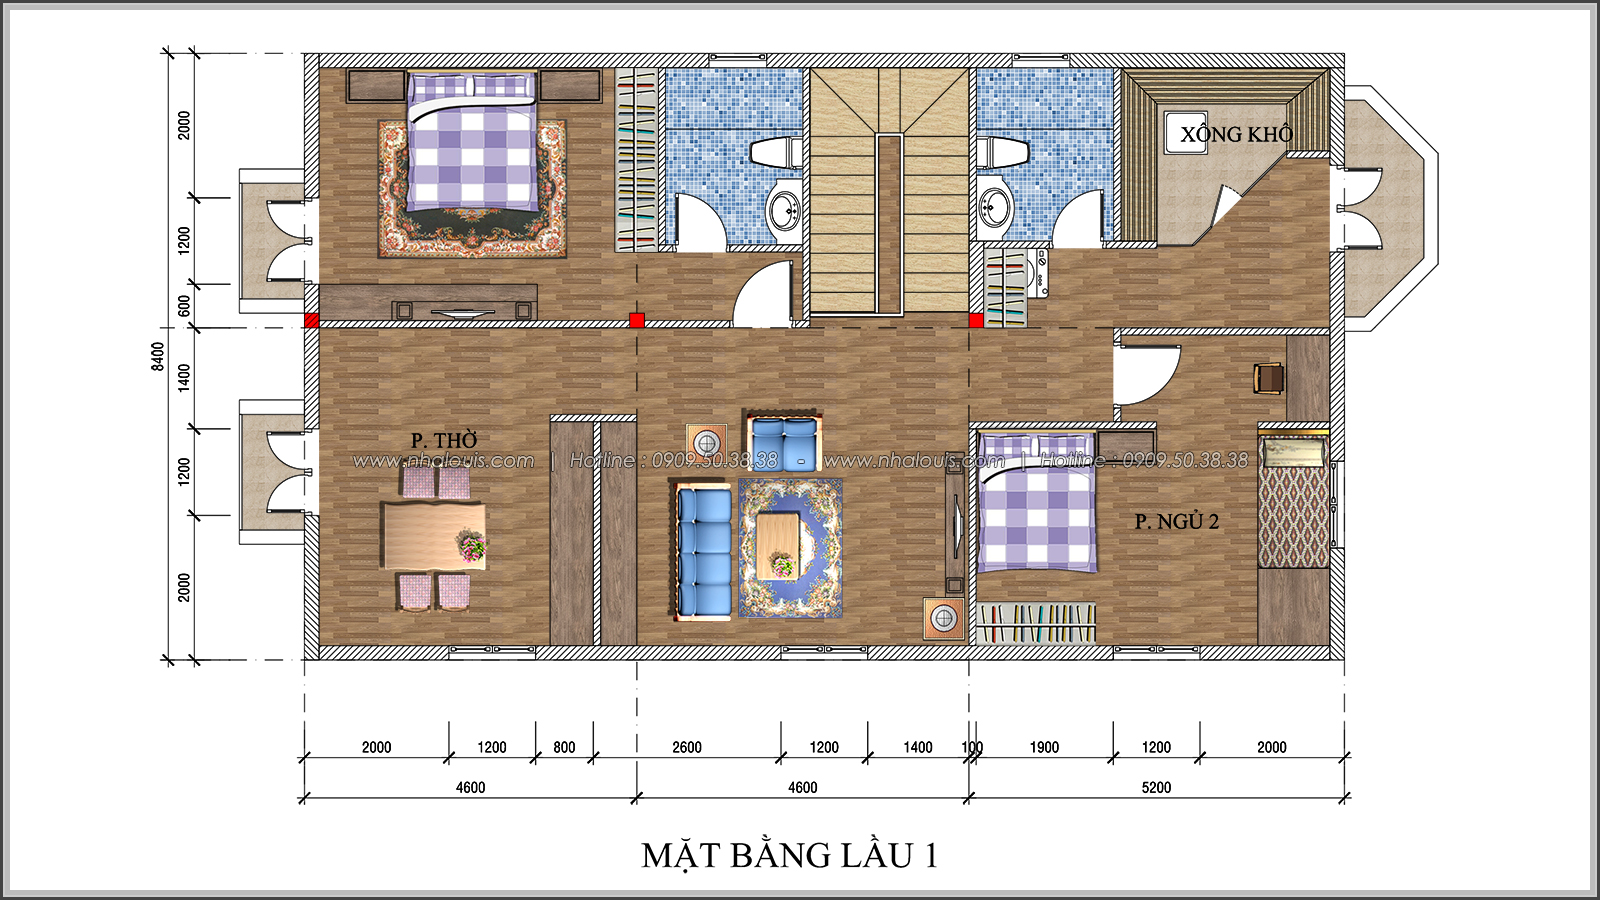 Ngắm nhìn thiết kế biệt thự 2 tầng độc đáo tại xứ sở ngàn hoa Đà Lạt - 07